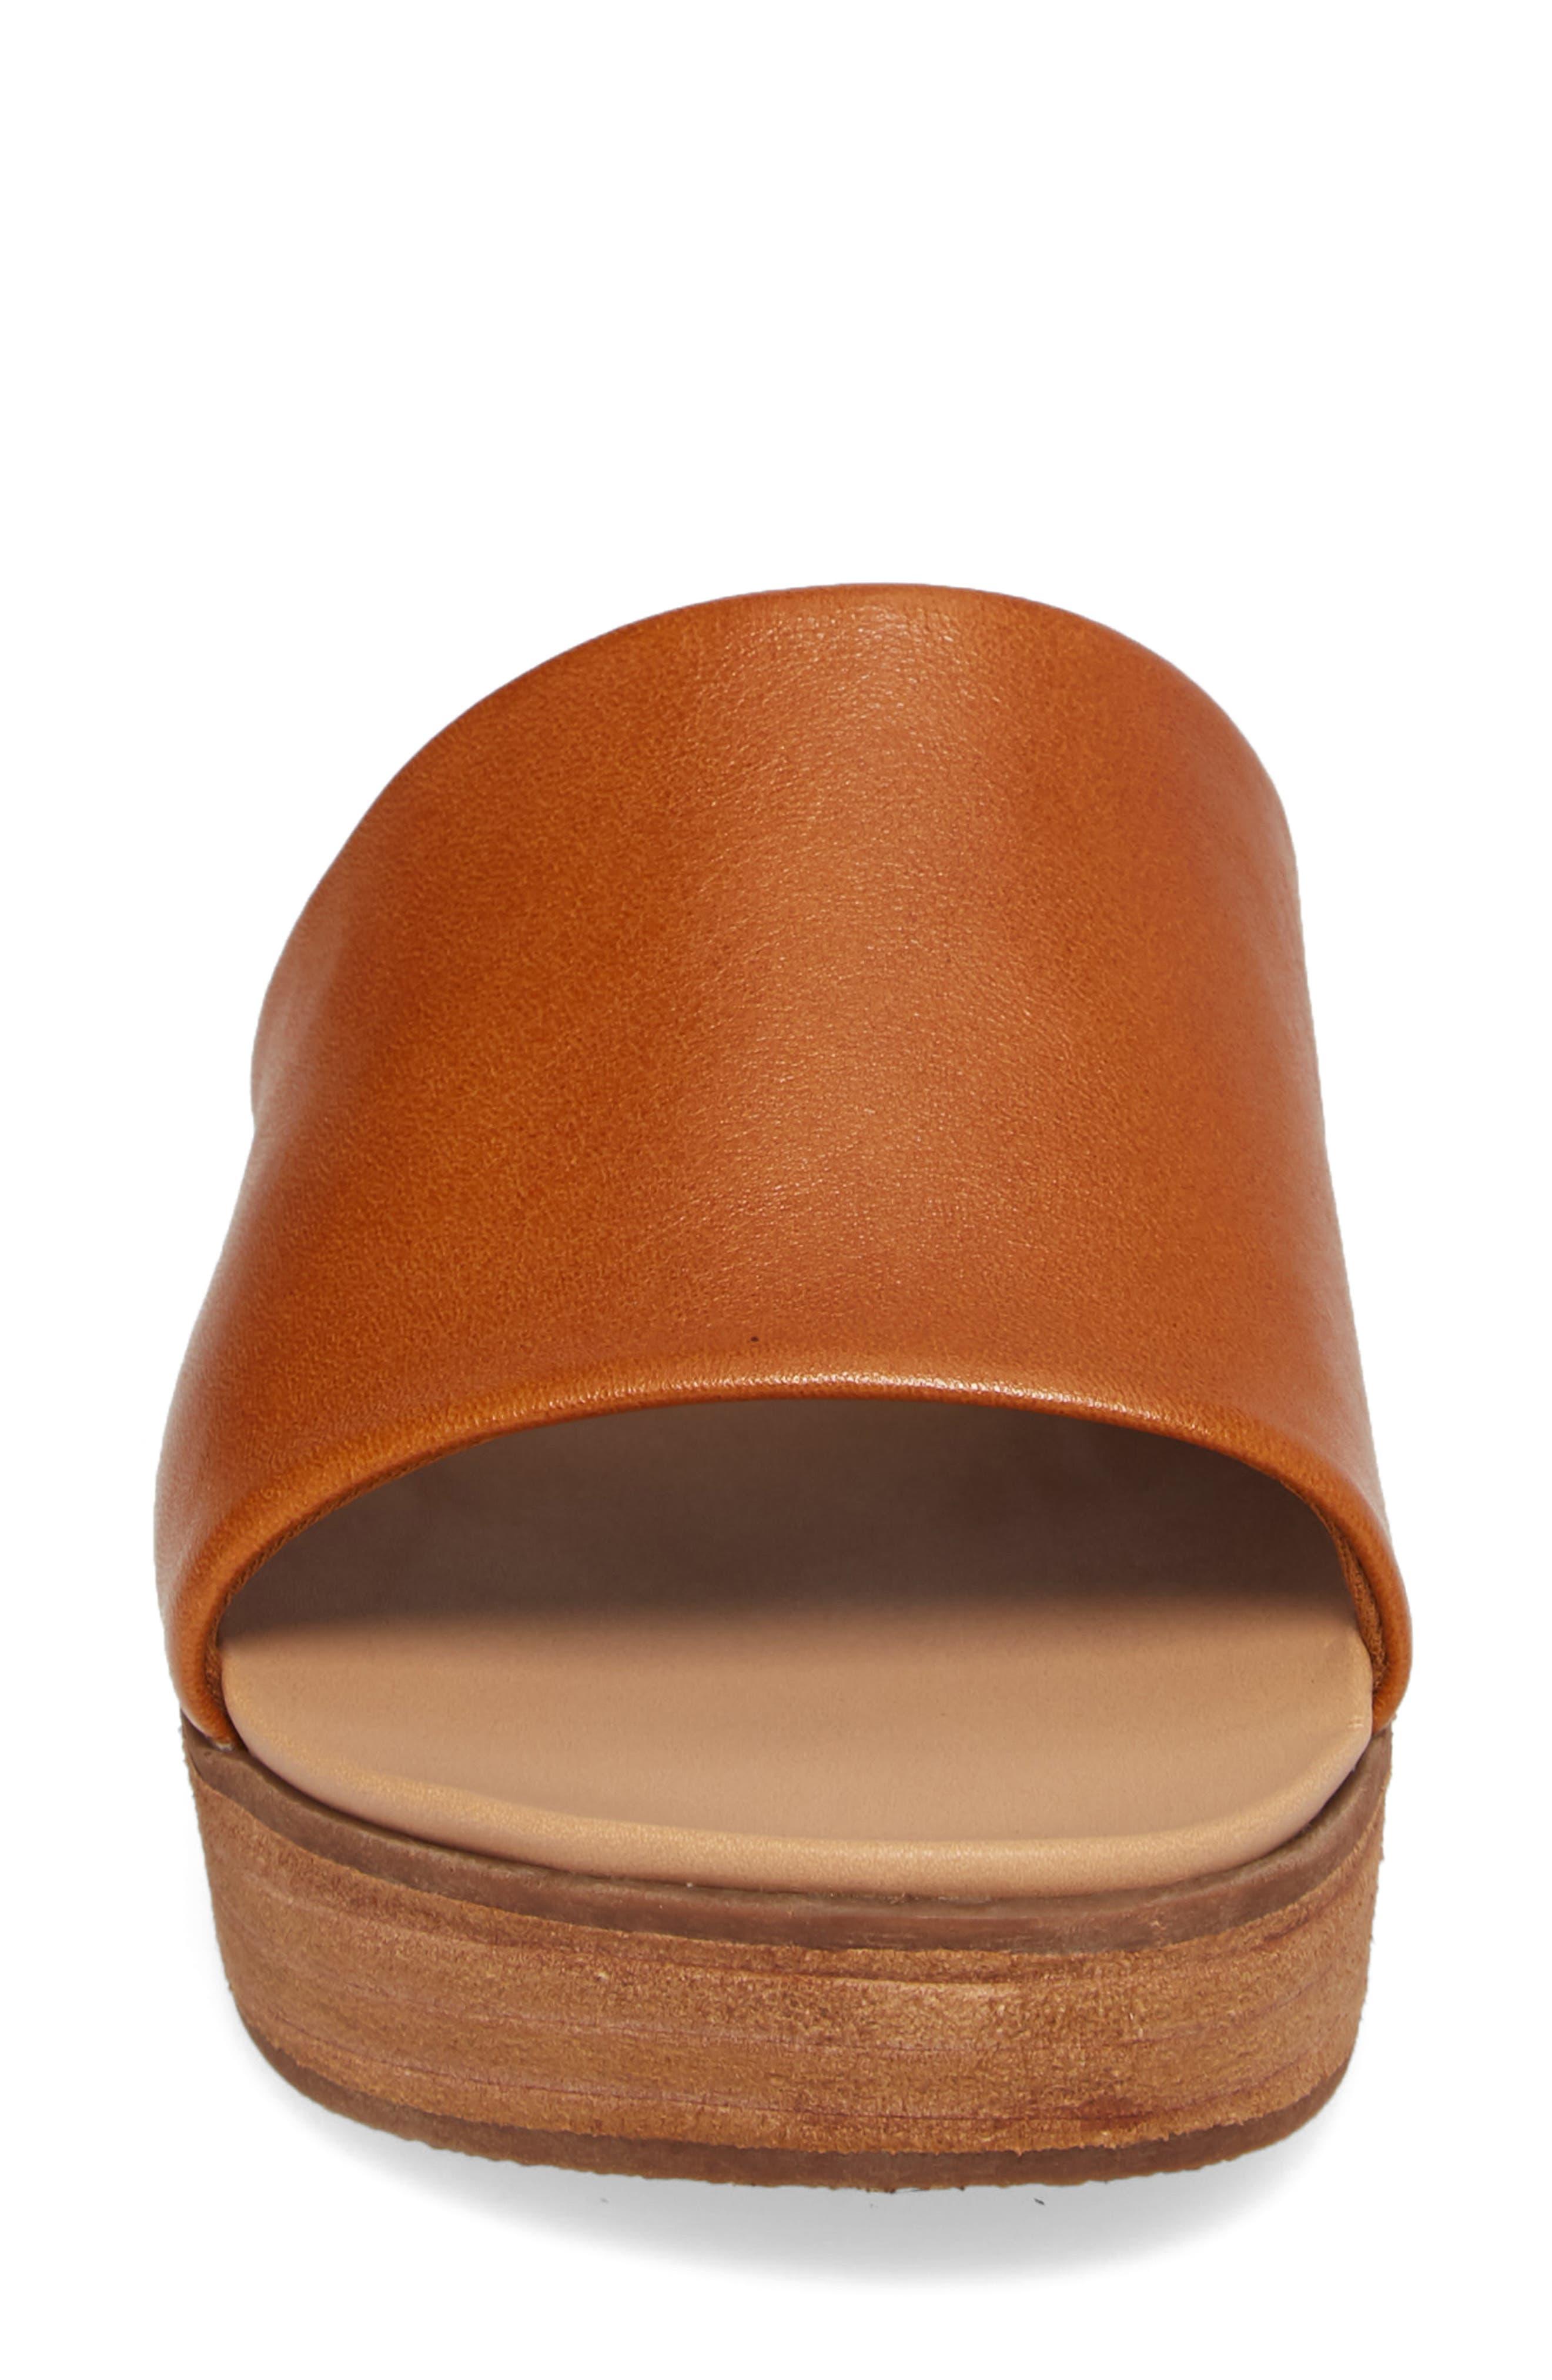 Genca Slide Sandal,                             Alternate thumbnail 11, color,